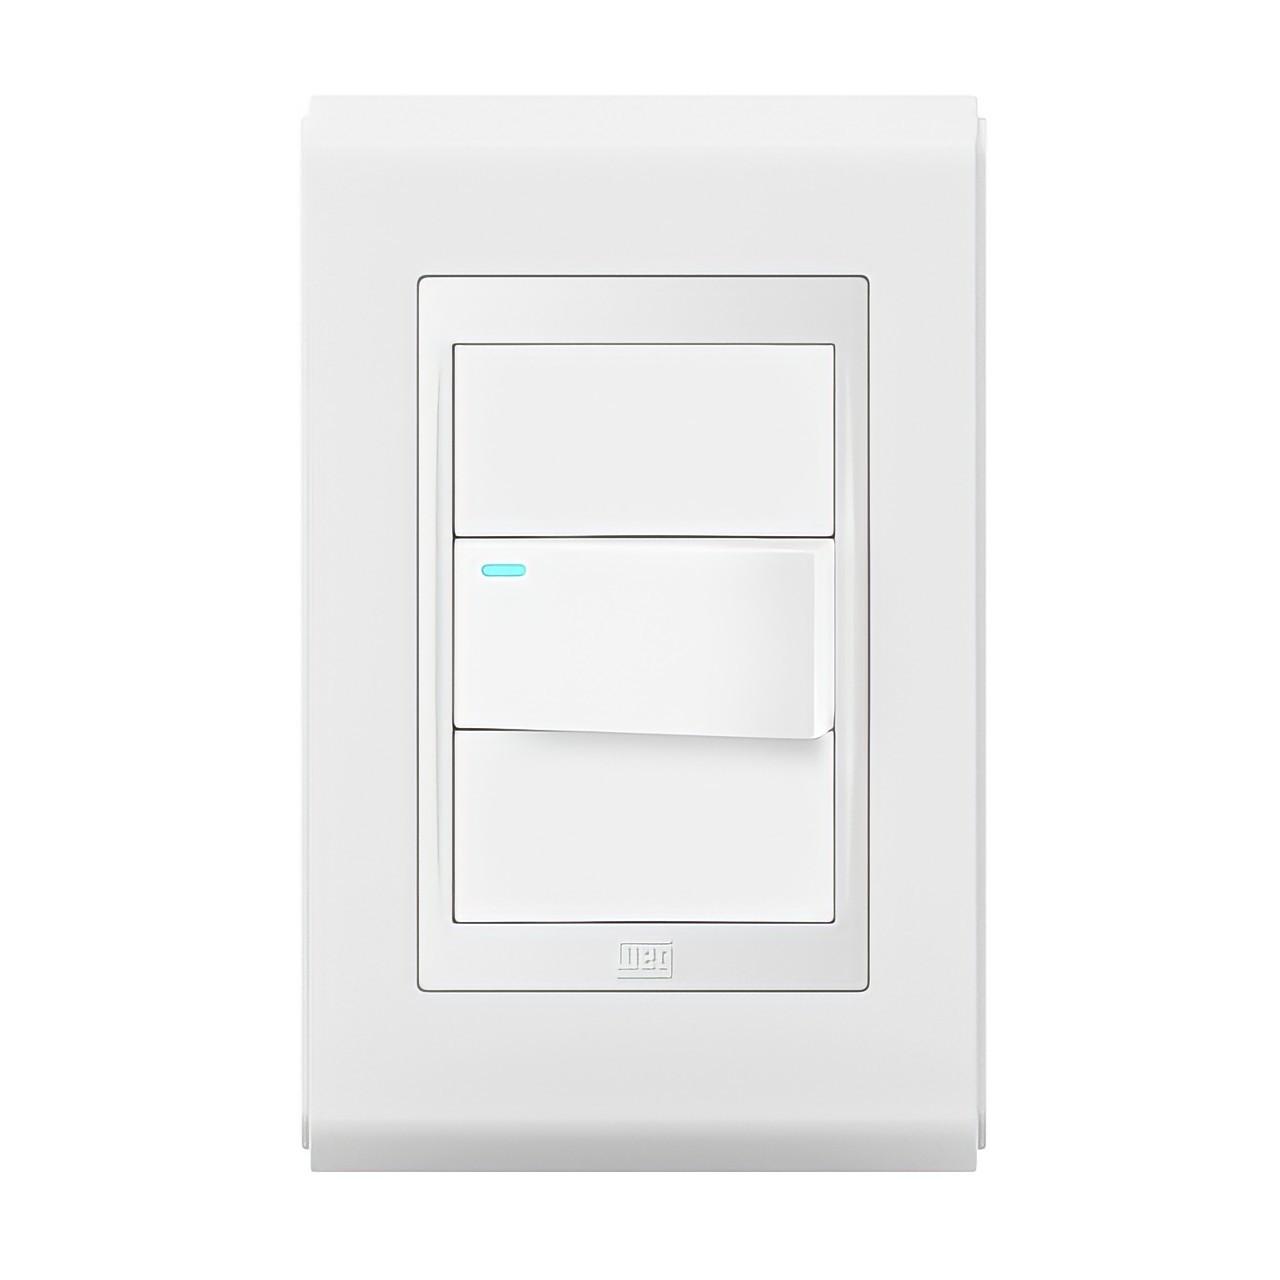 Conjunto 1 Interruptor Simples/Paral C/led - Refinatto Style - Br/Br - Acetinado